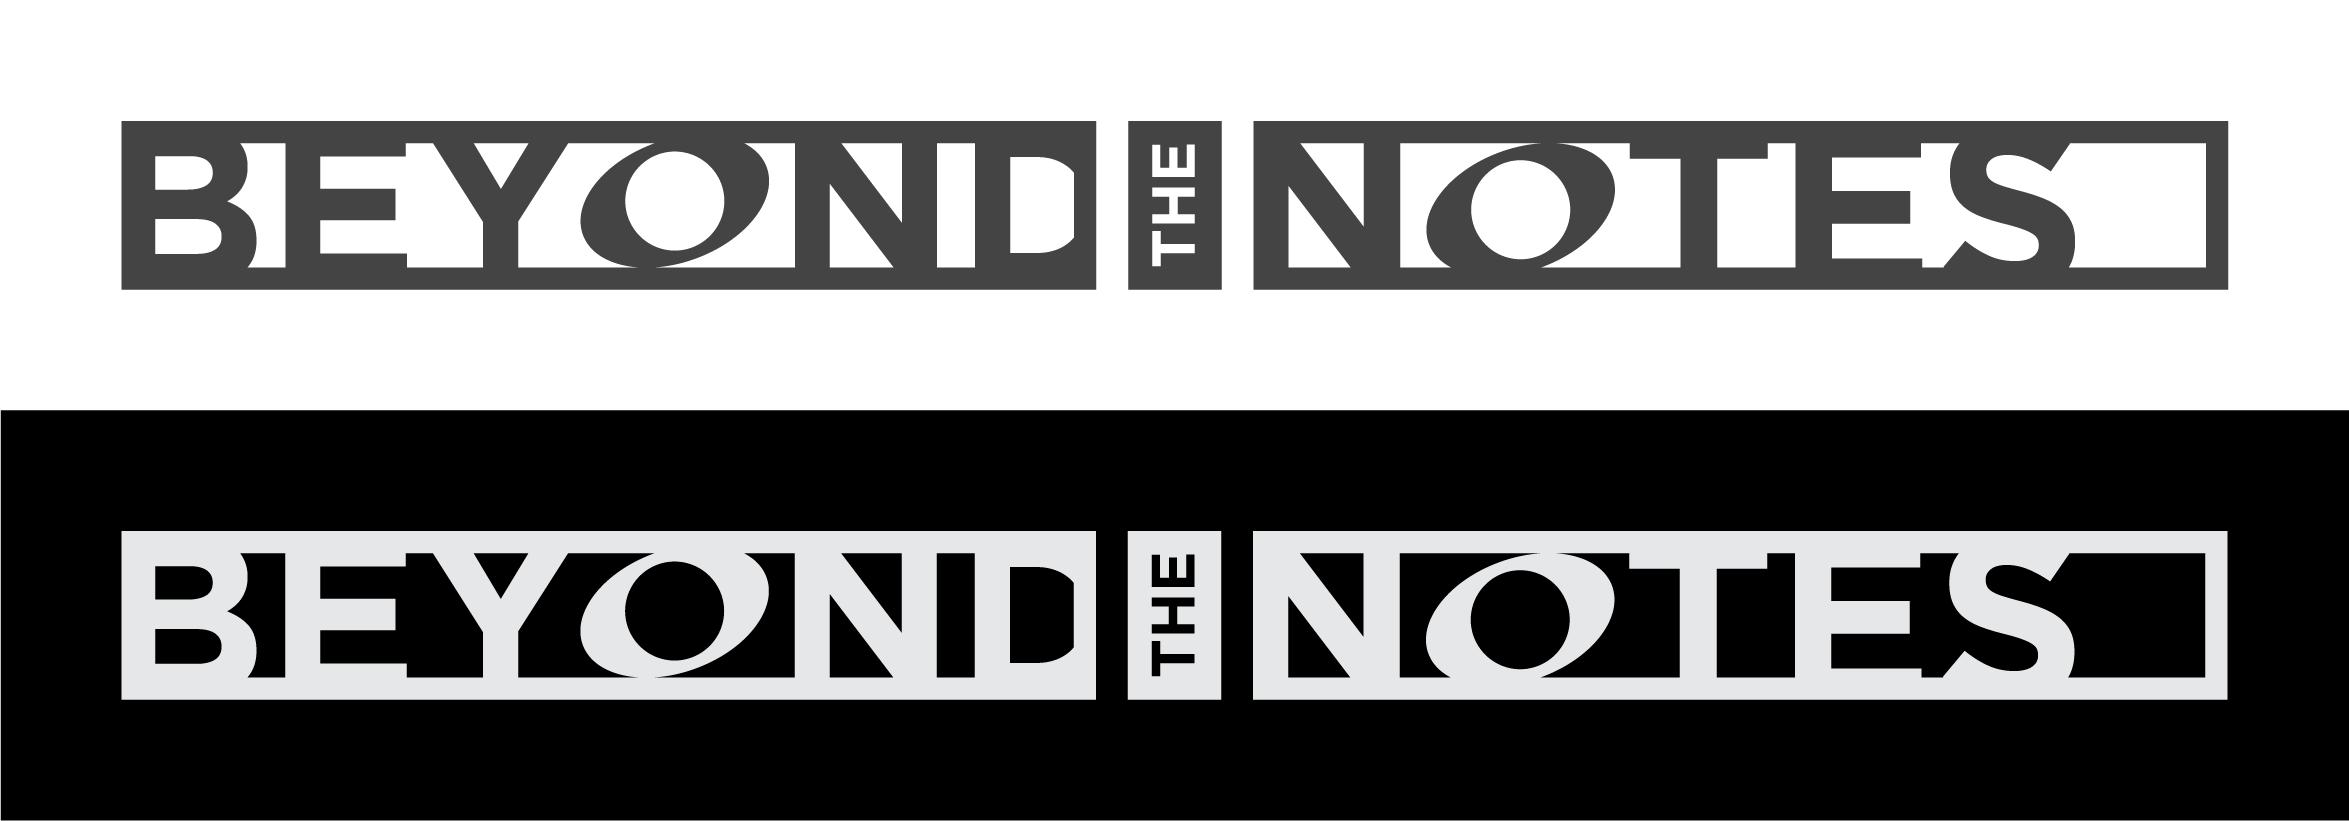 Logos 3-03.png